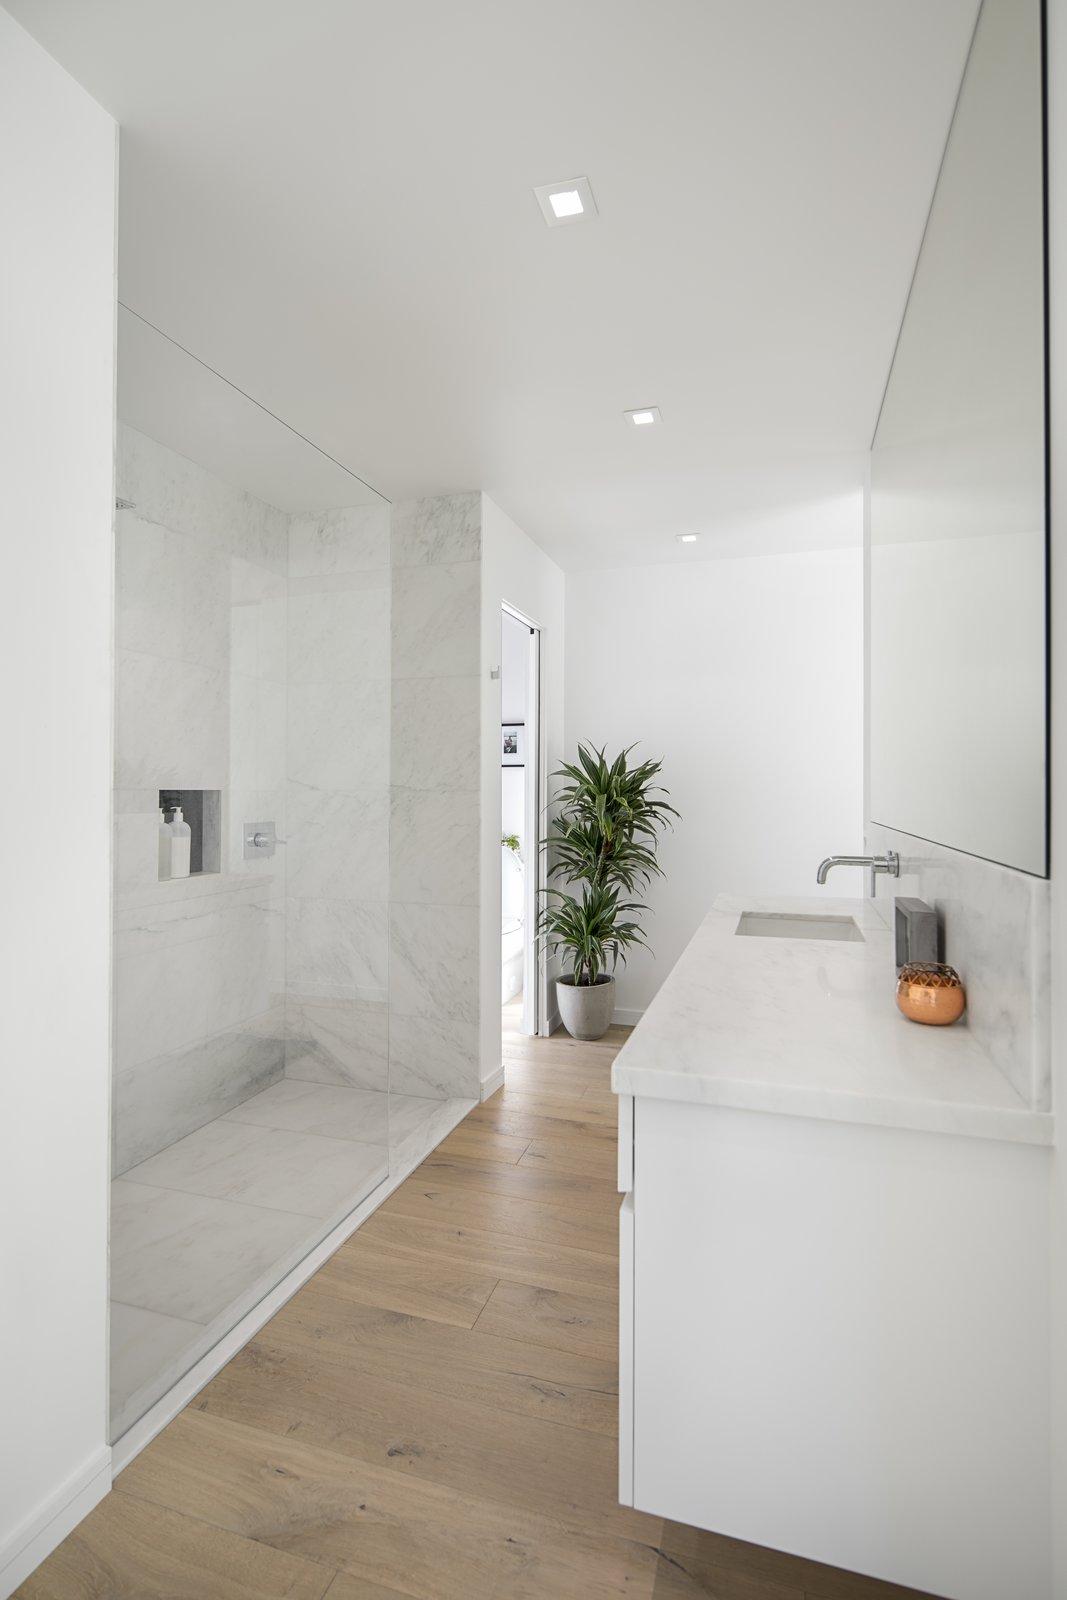 Bath Room, Light Hardwood Floor, Drop In Sink, Open Shower, and Ceiling Lighting  Vista De la Cumbra